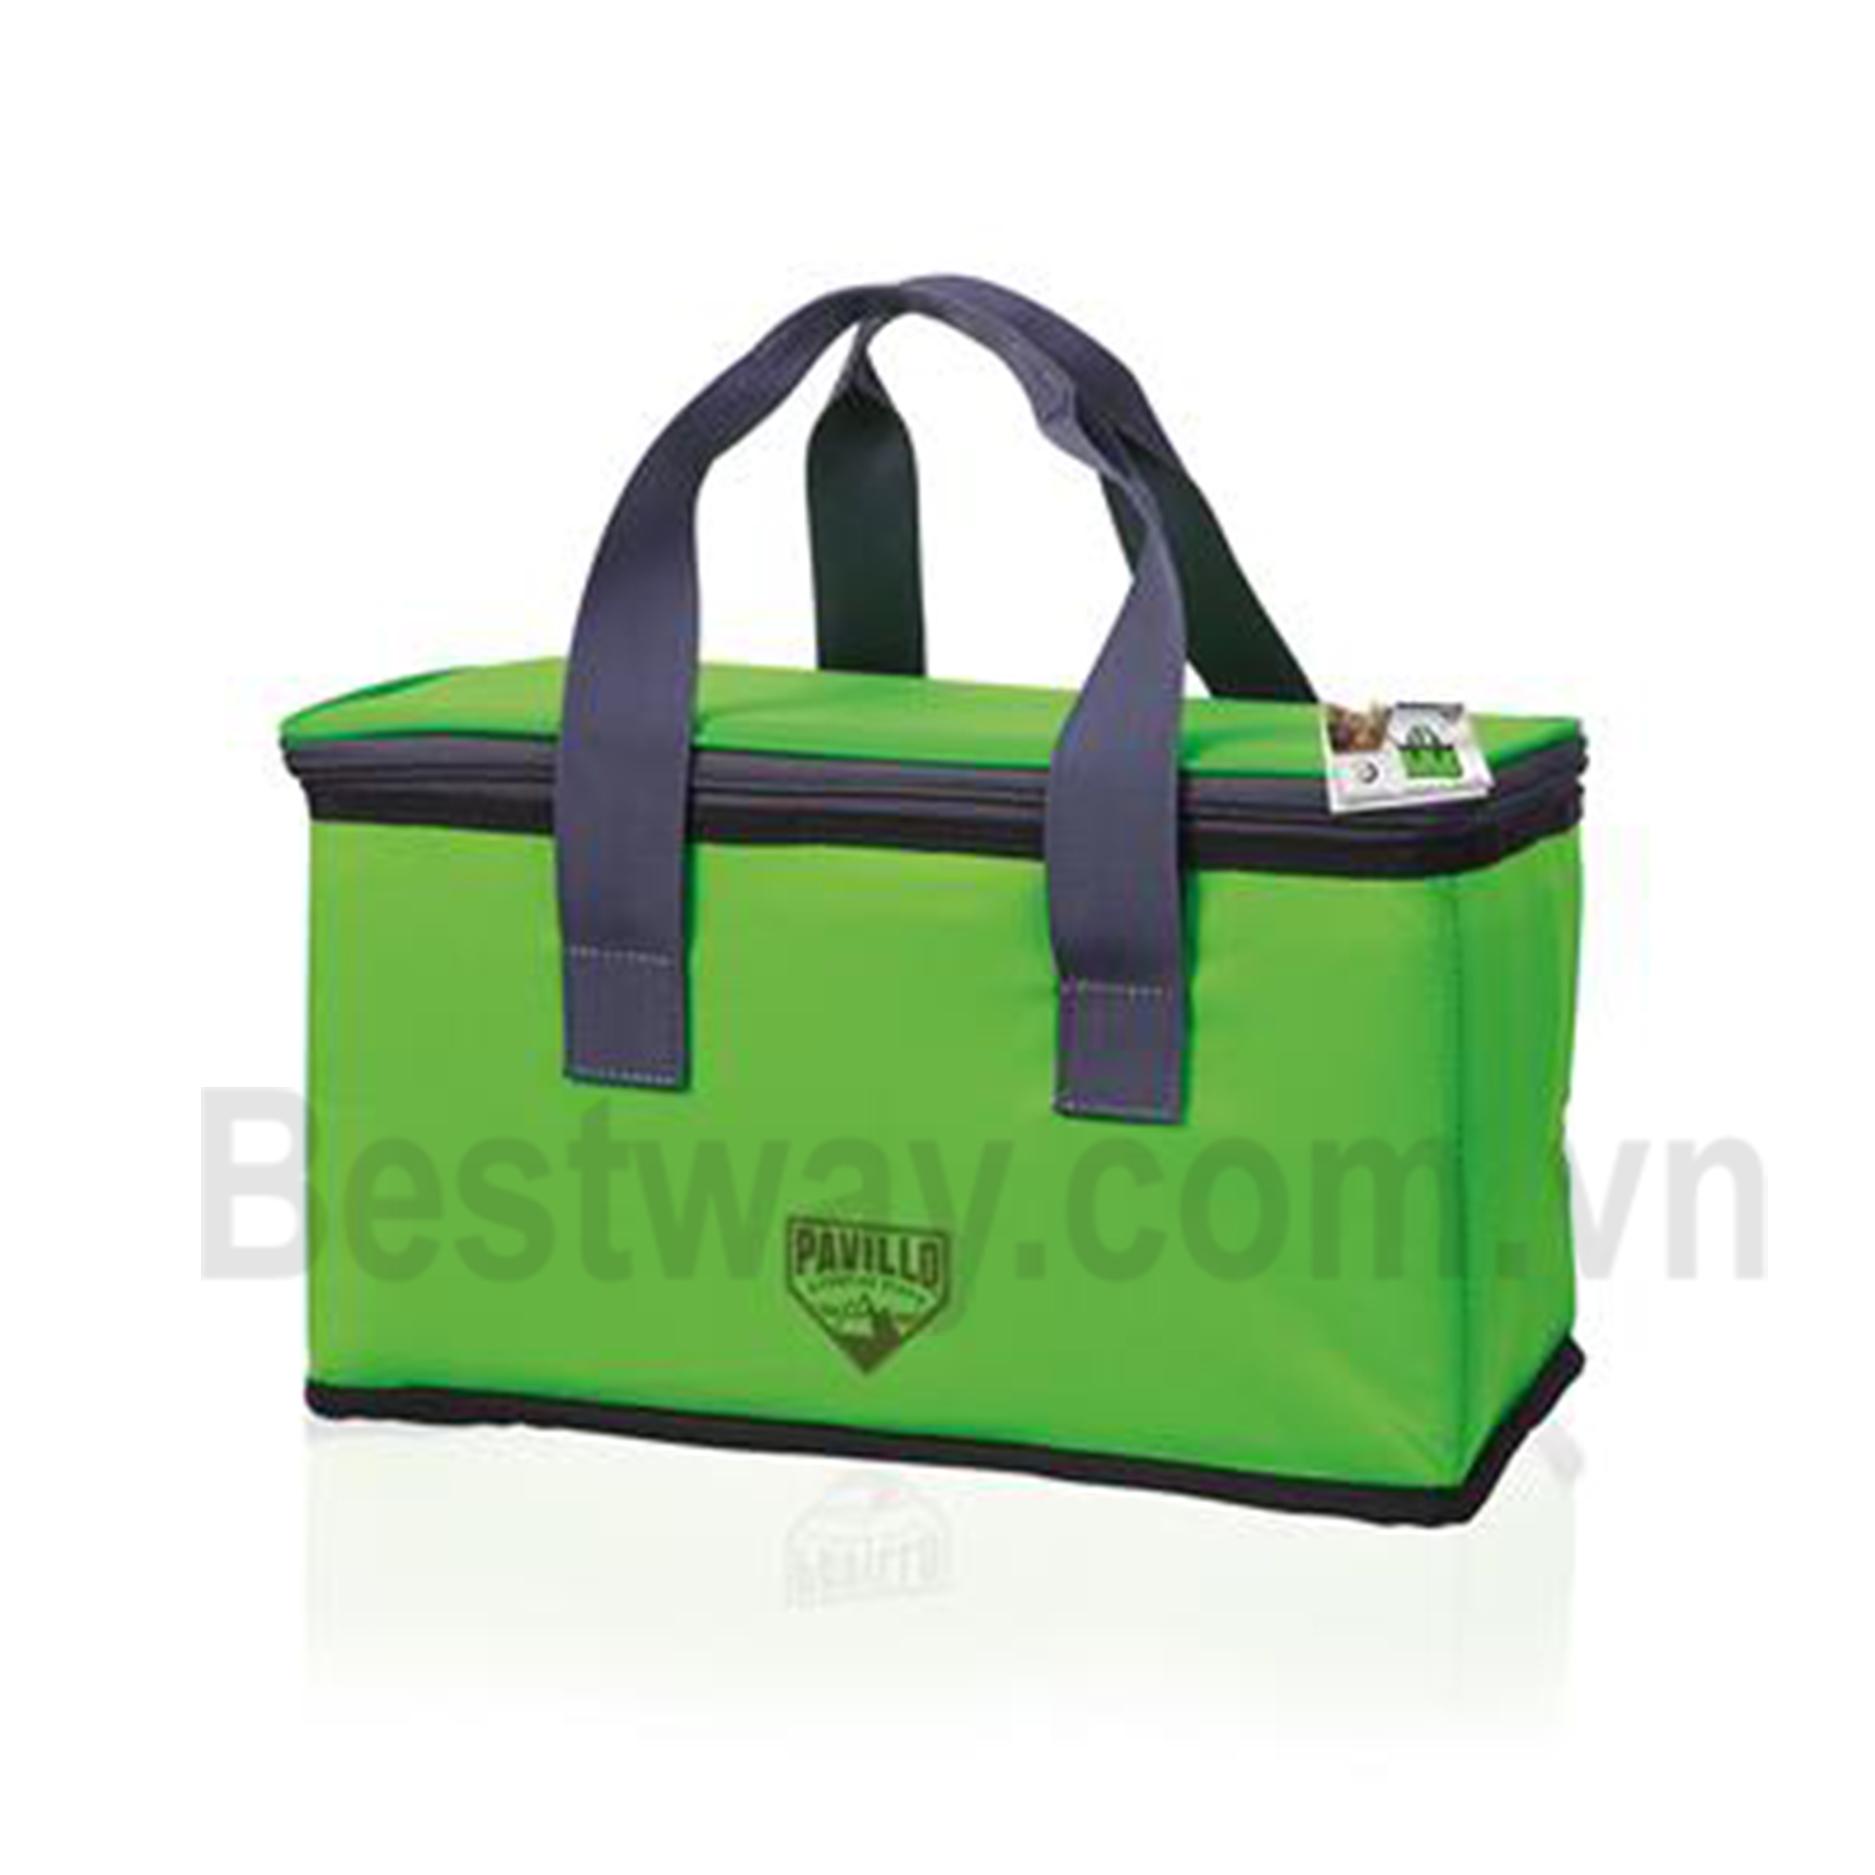 Túi đựng đồ dã ngoại Bestway 68036